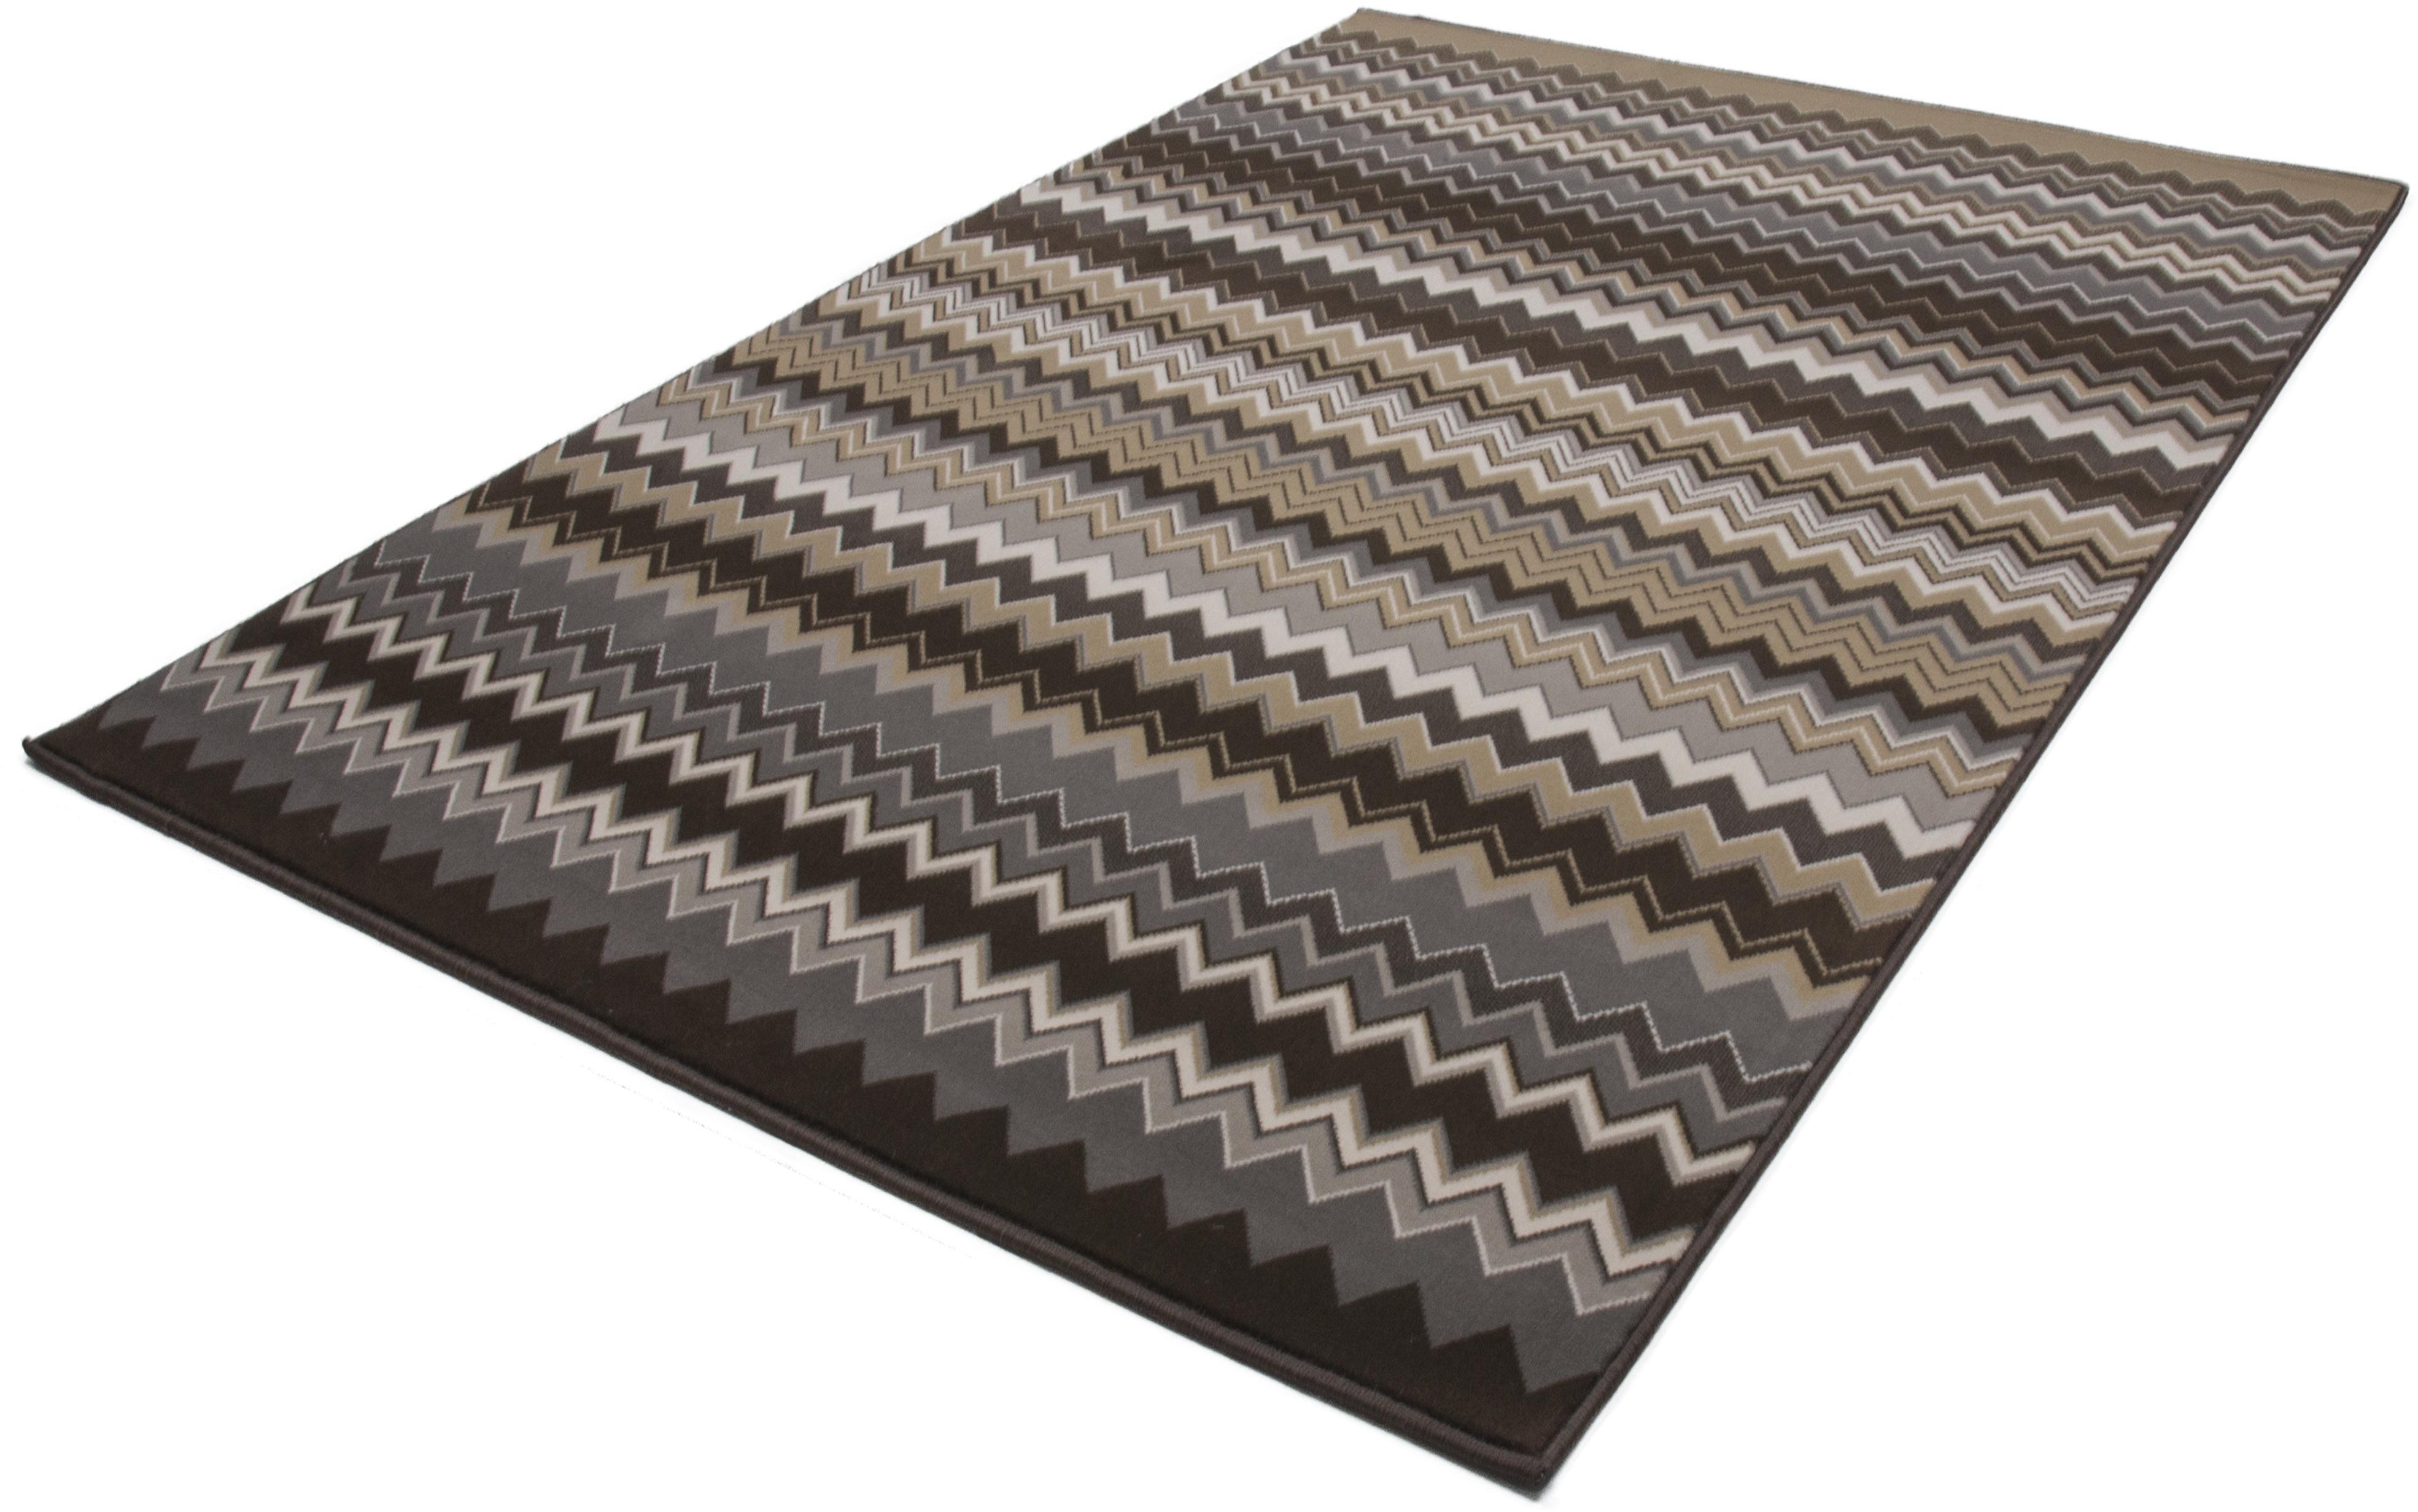 Teppich Now! 700 Kayoom rechteckig Höhe 10 mm